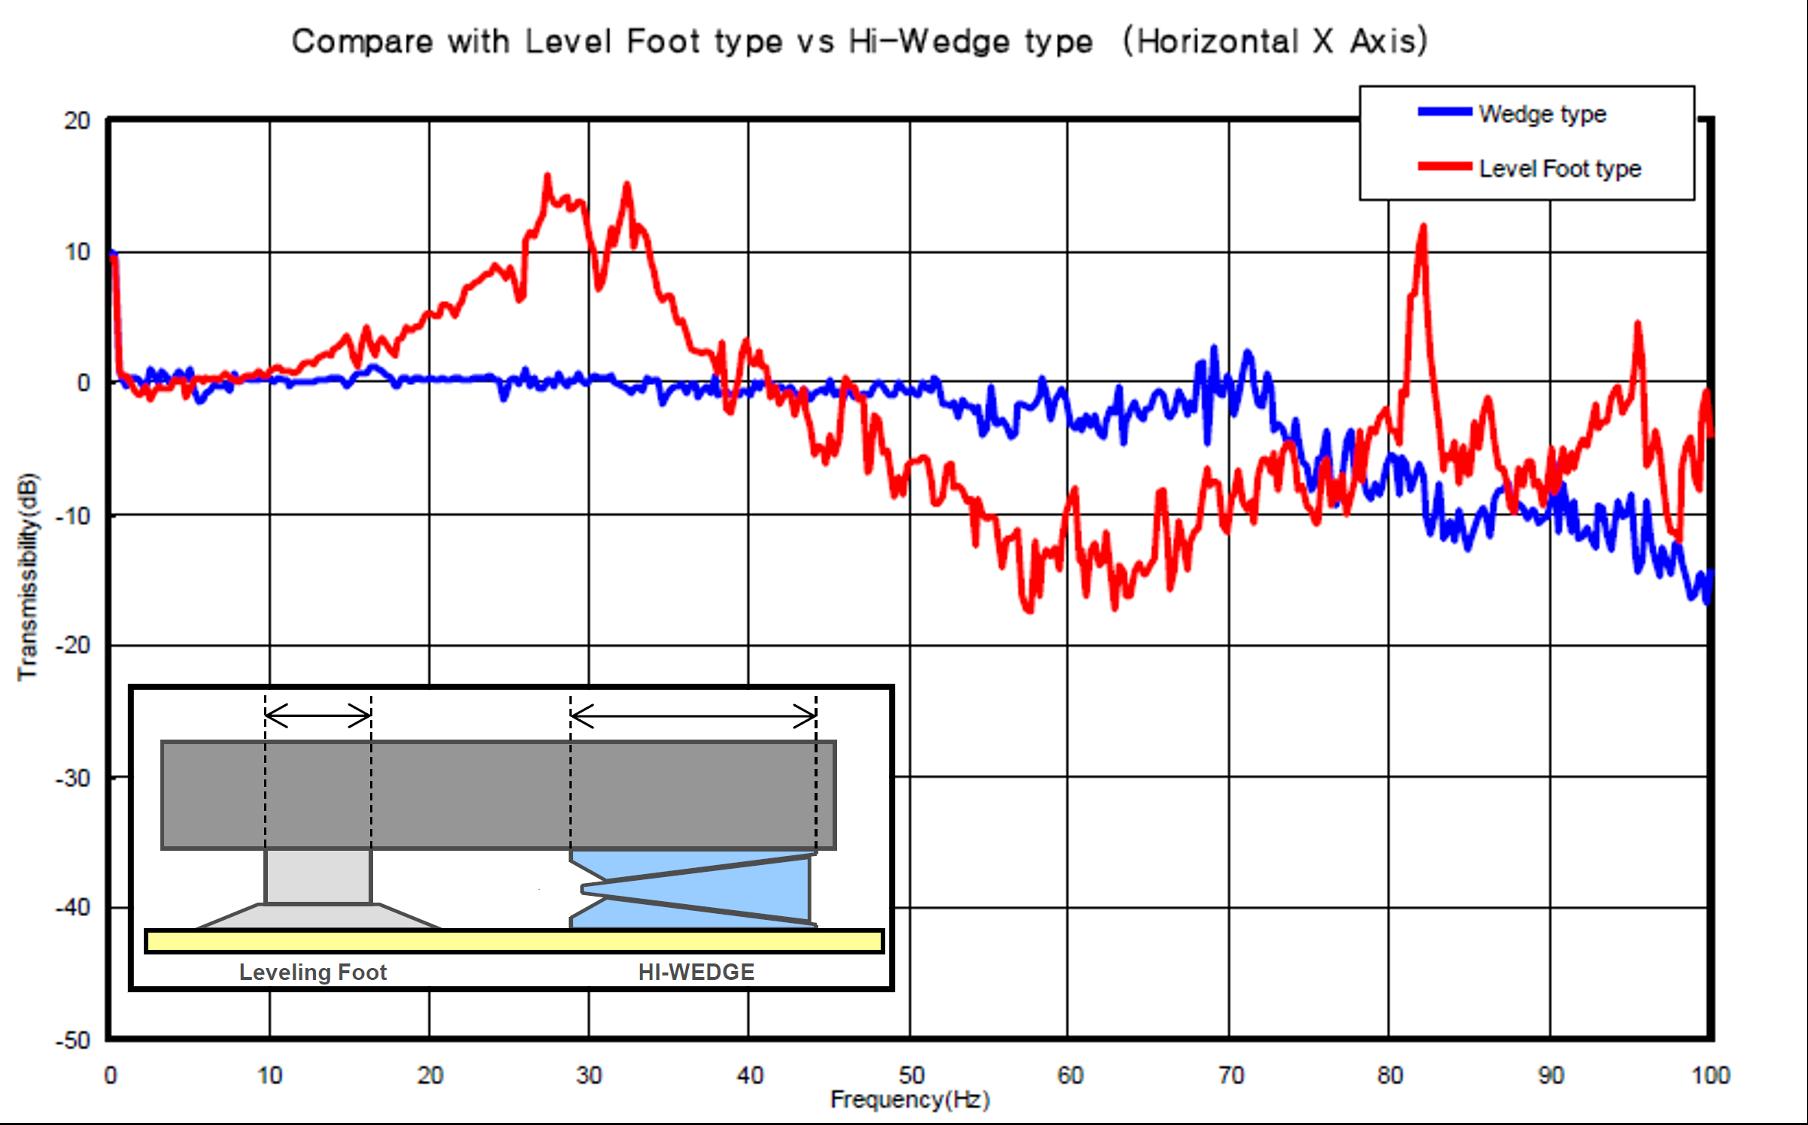 調整腳座與剛性腳座頻率共震比較